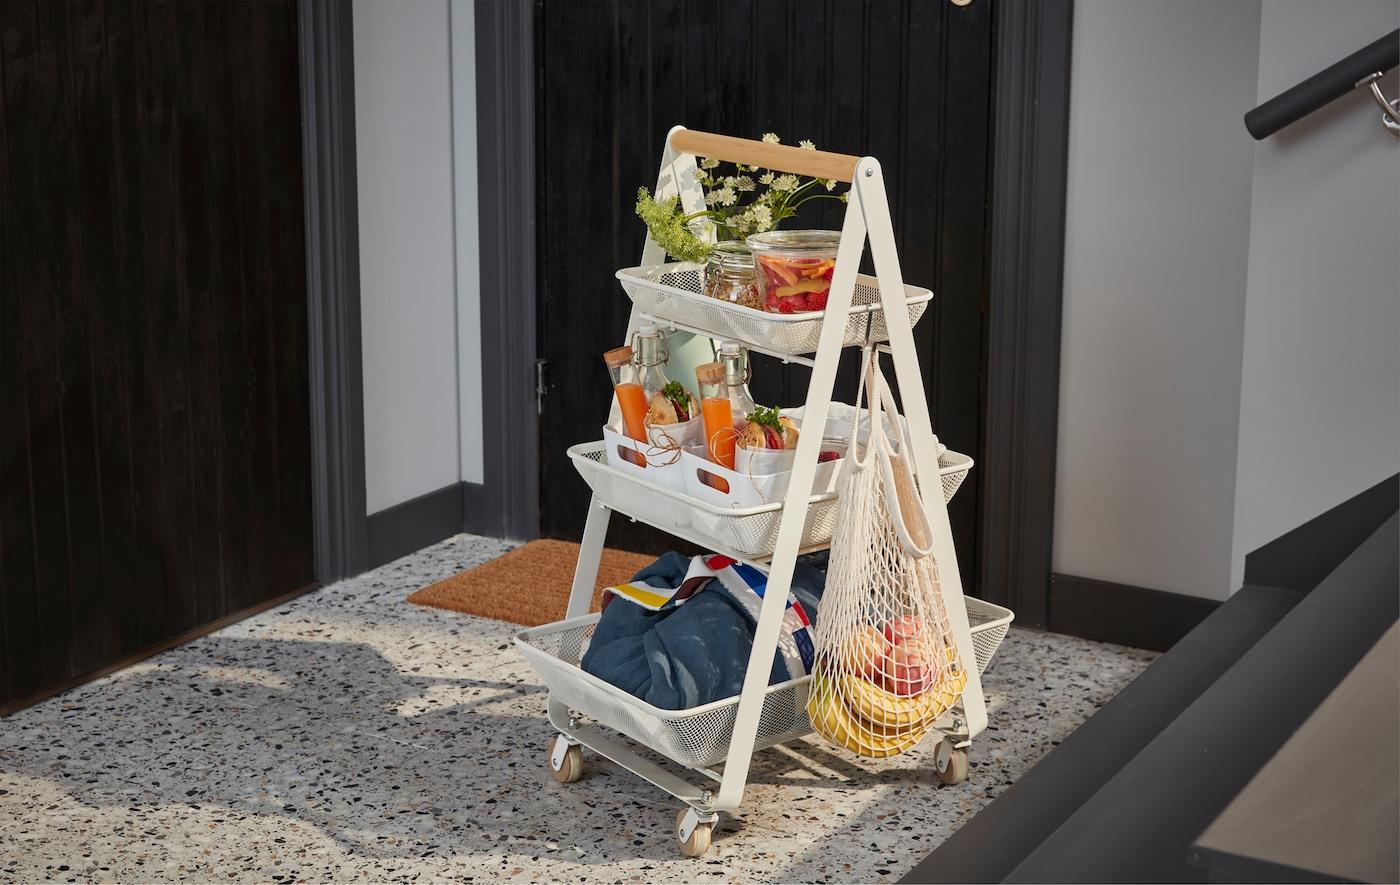 Un cărucior de oțel RISATORP cu trei nivele și mâner de lemn, umplut cu un mic dejun complet pentru două persoane.